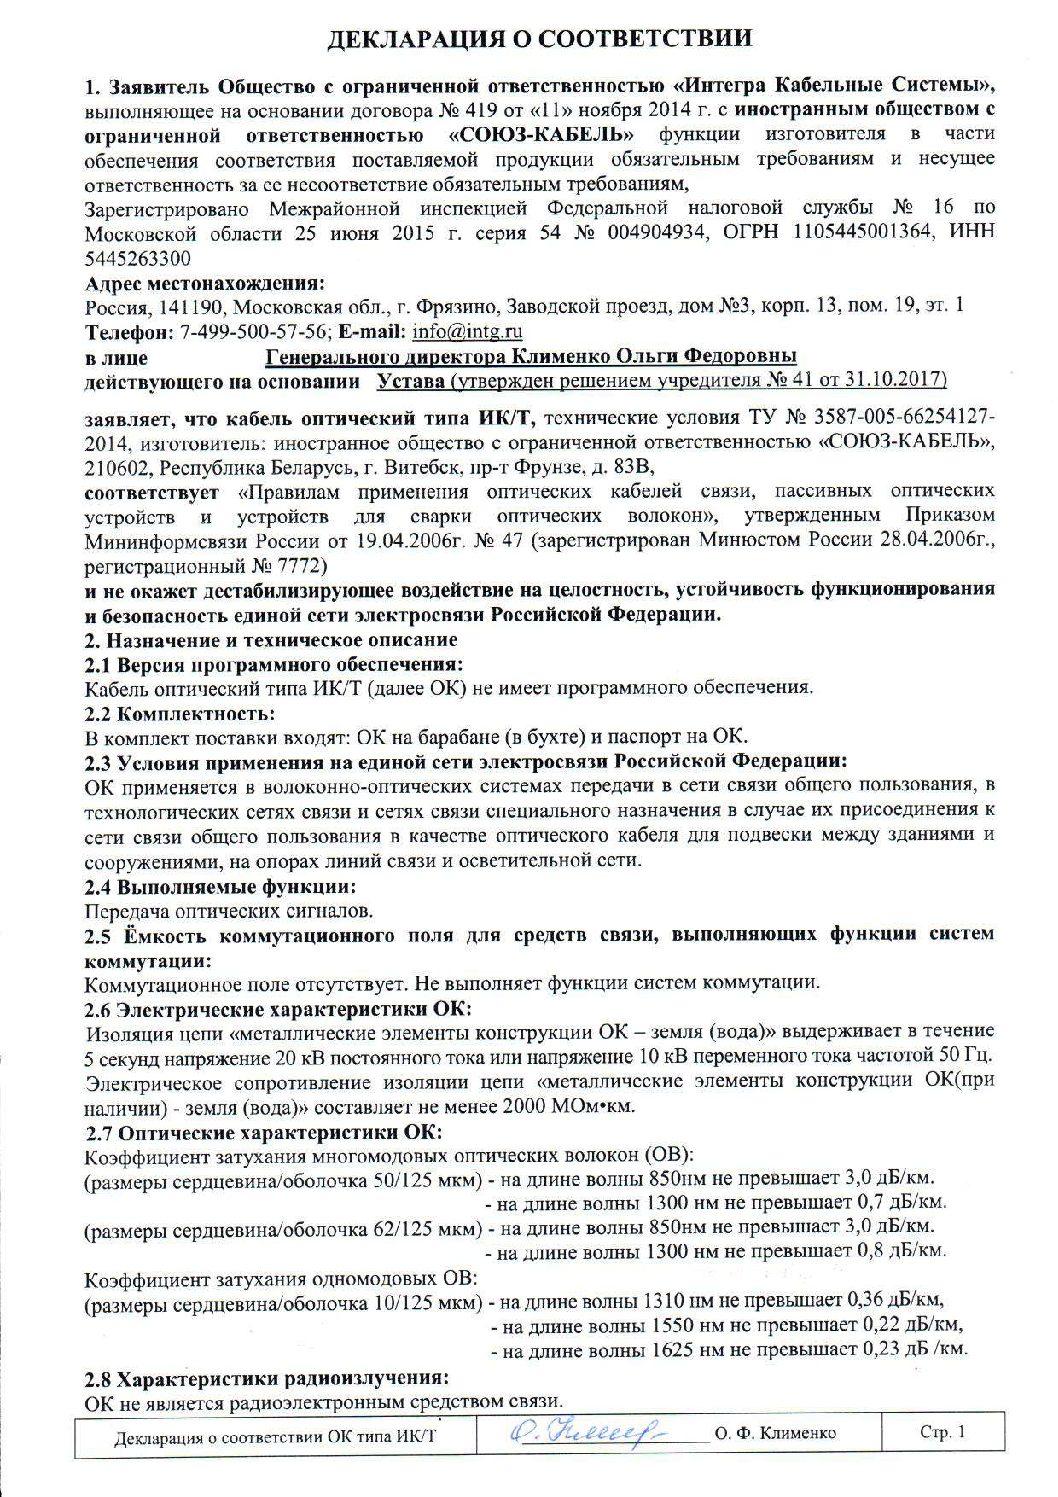 Декларация о соответствии ИК/Т